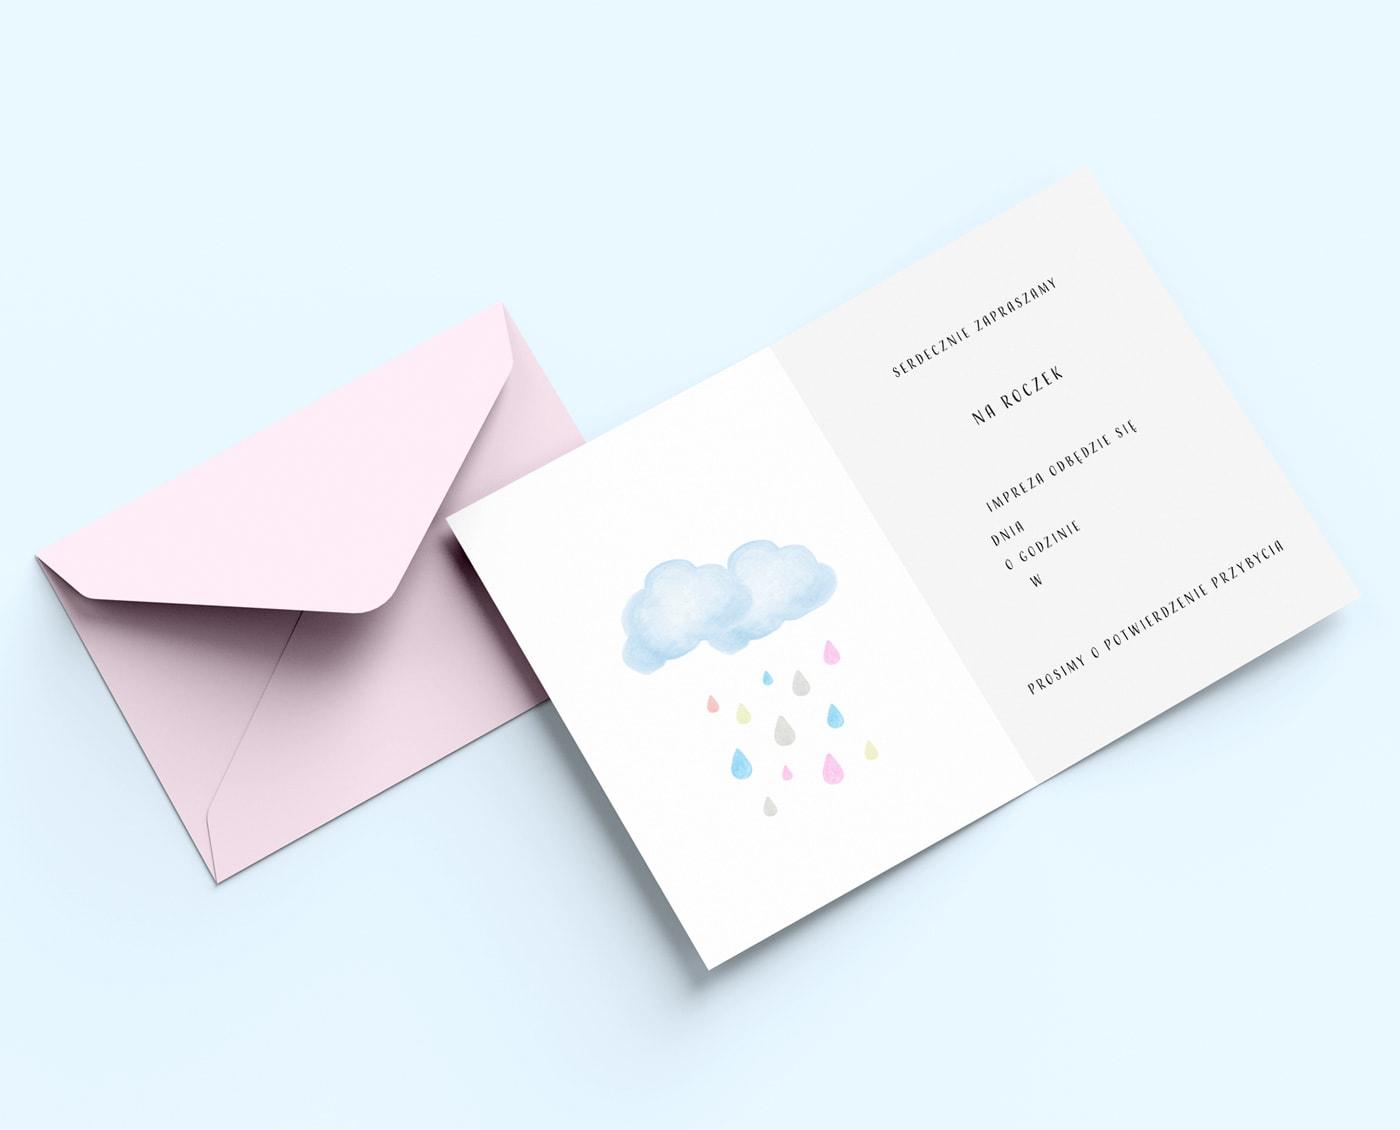 roczek dziewczynki, zaproszenia z różową kopertą i chmurką